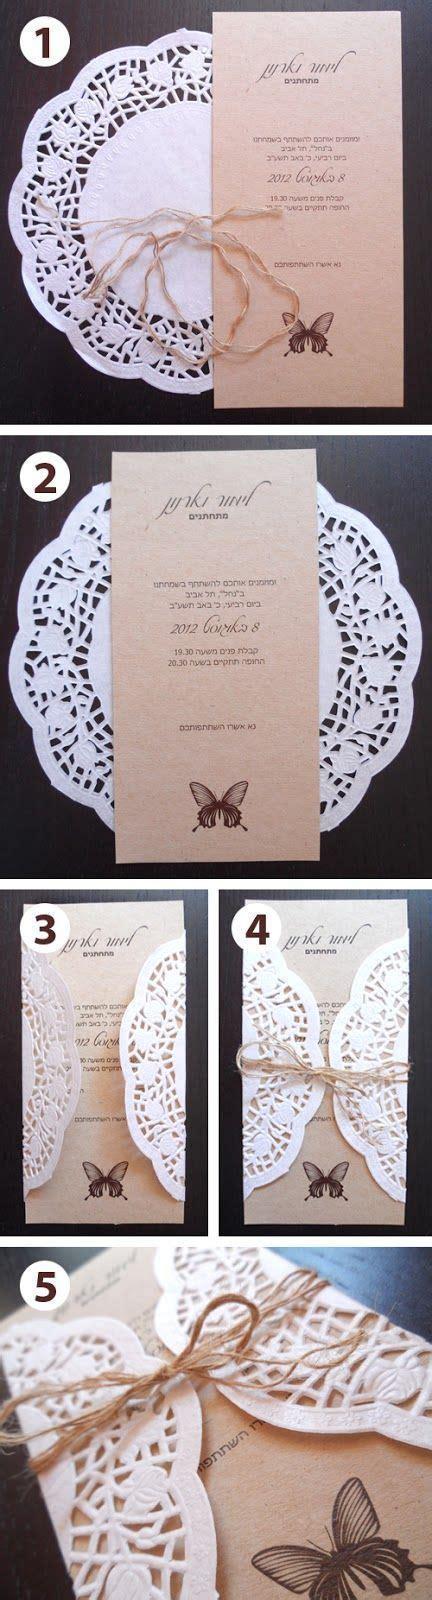 50 Unique DIY Wedding Invitation Ideas Wedding cards